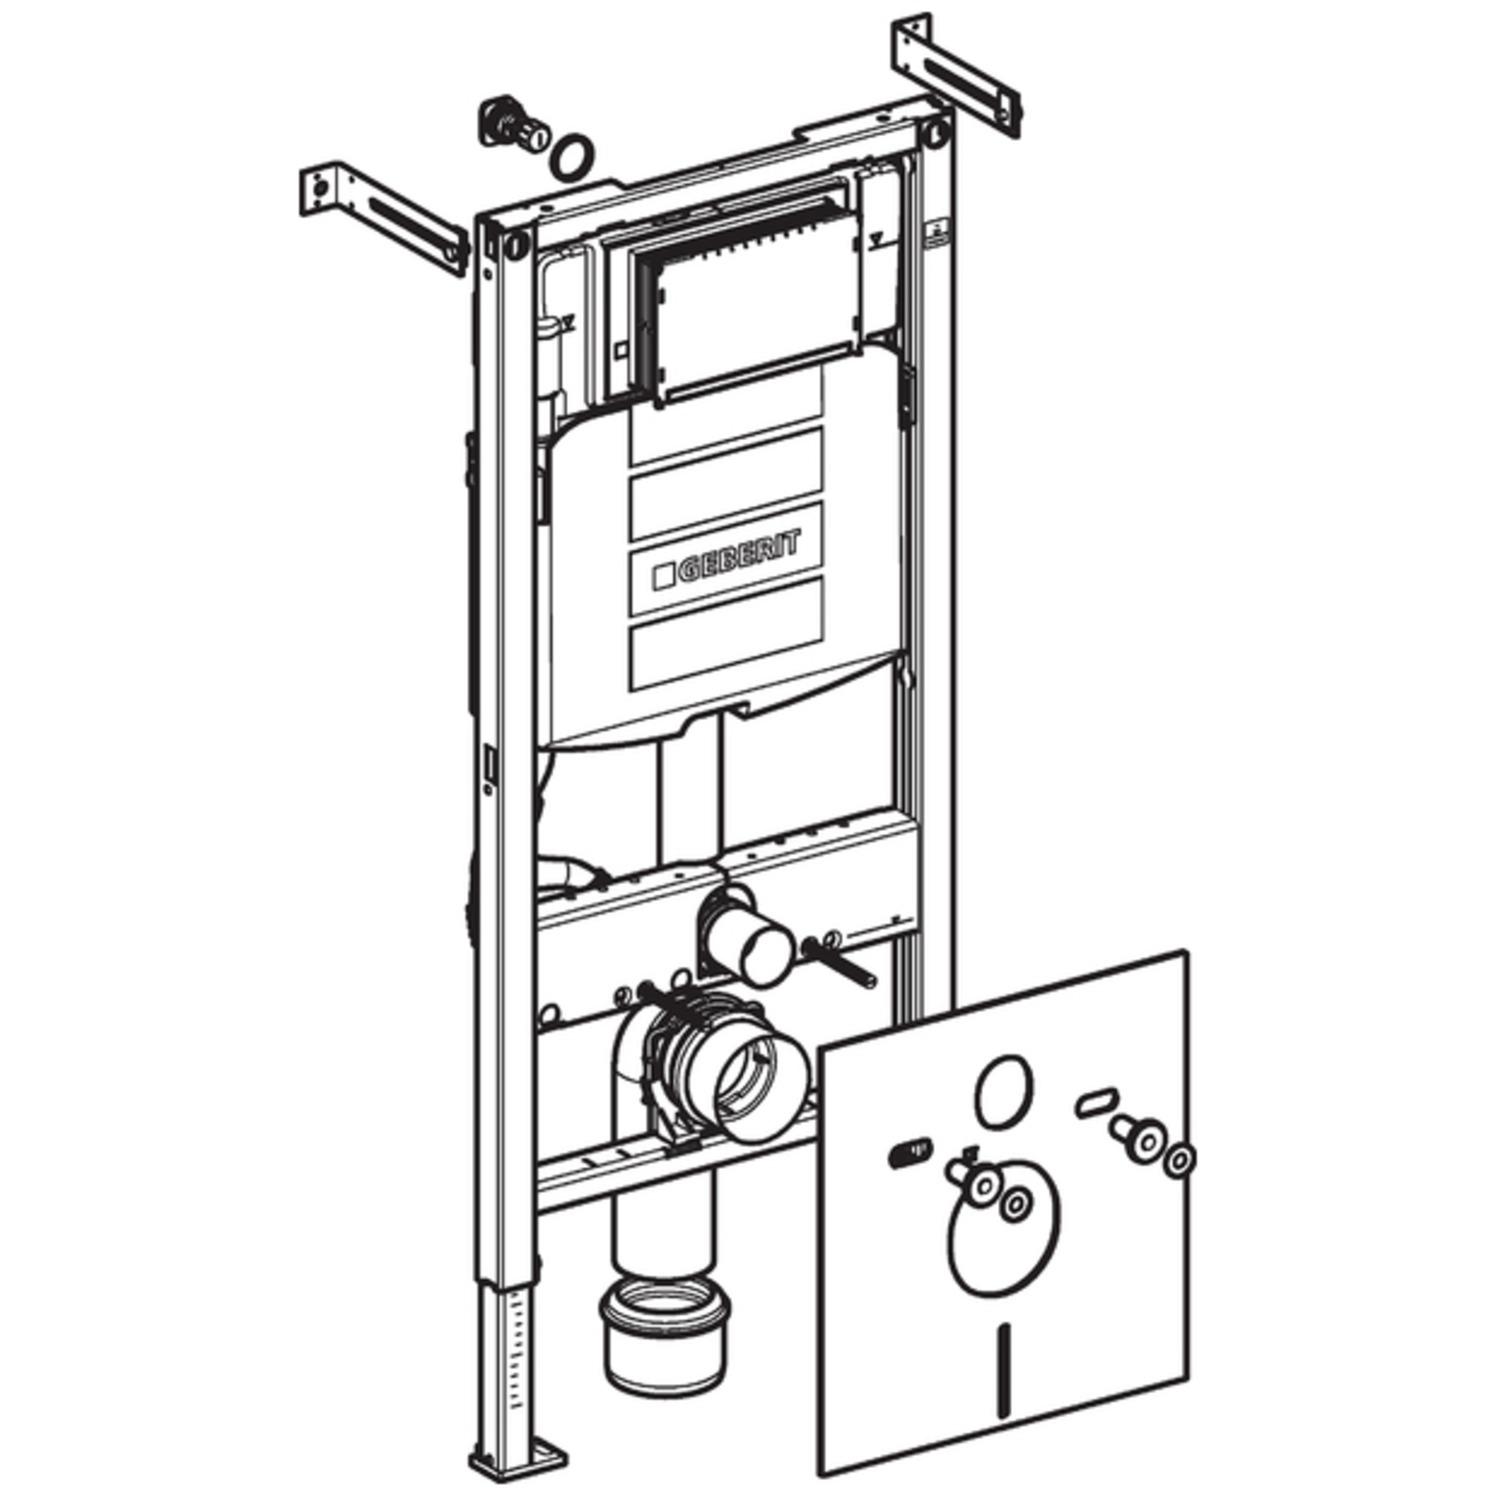 Geberit Duofix Montageelement für Wand-WC mit UP-Spülkasten Sigma UP320, BH  112cm